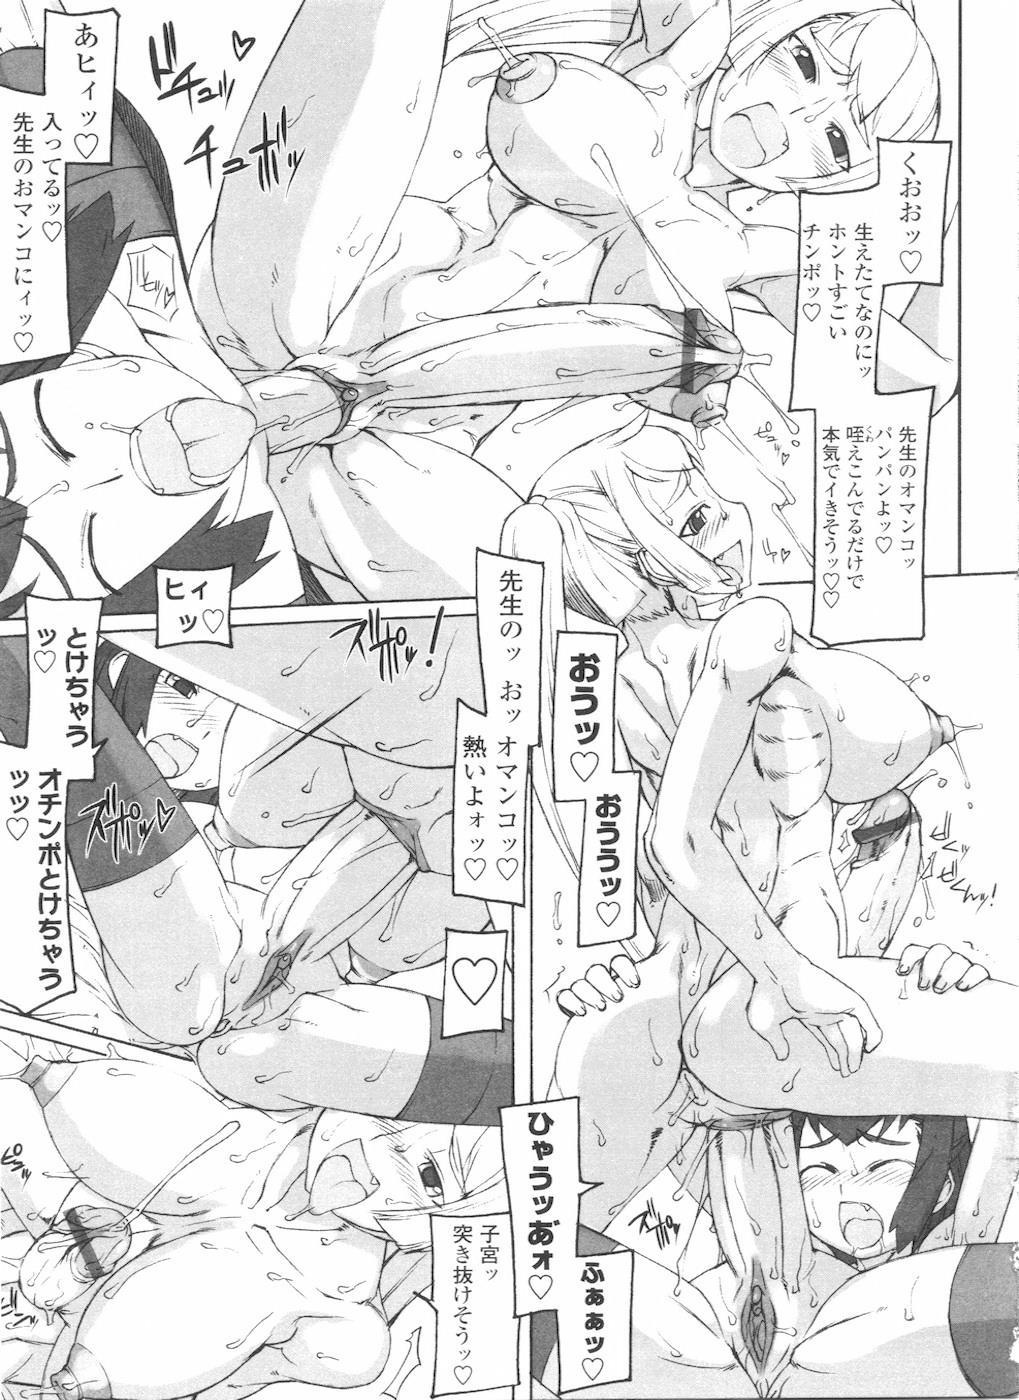 Futanarikko LOVE 11 172